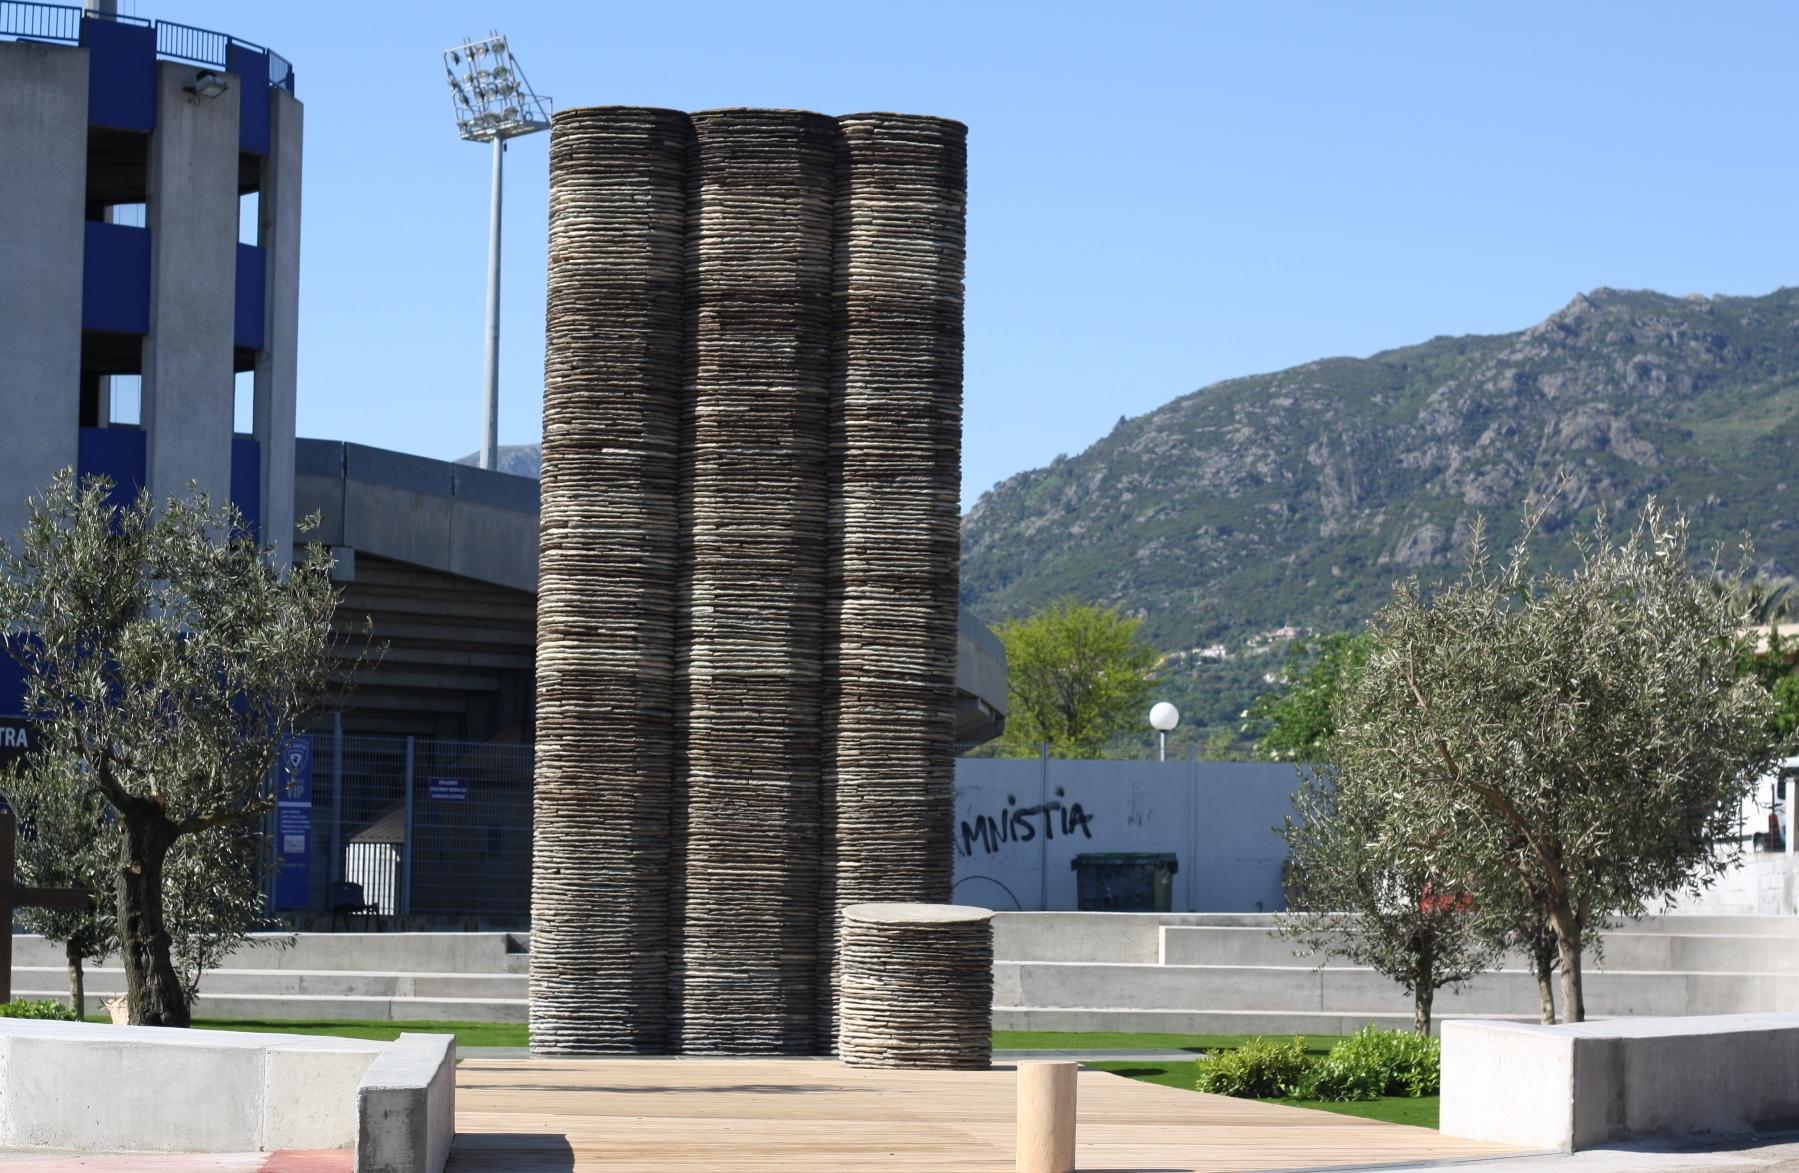 Furiani : Fin des travaux de rénovation de la stèle dédiée au drame du 5 mai 1992